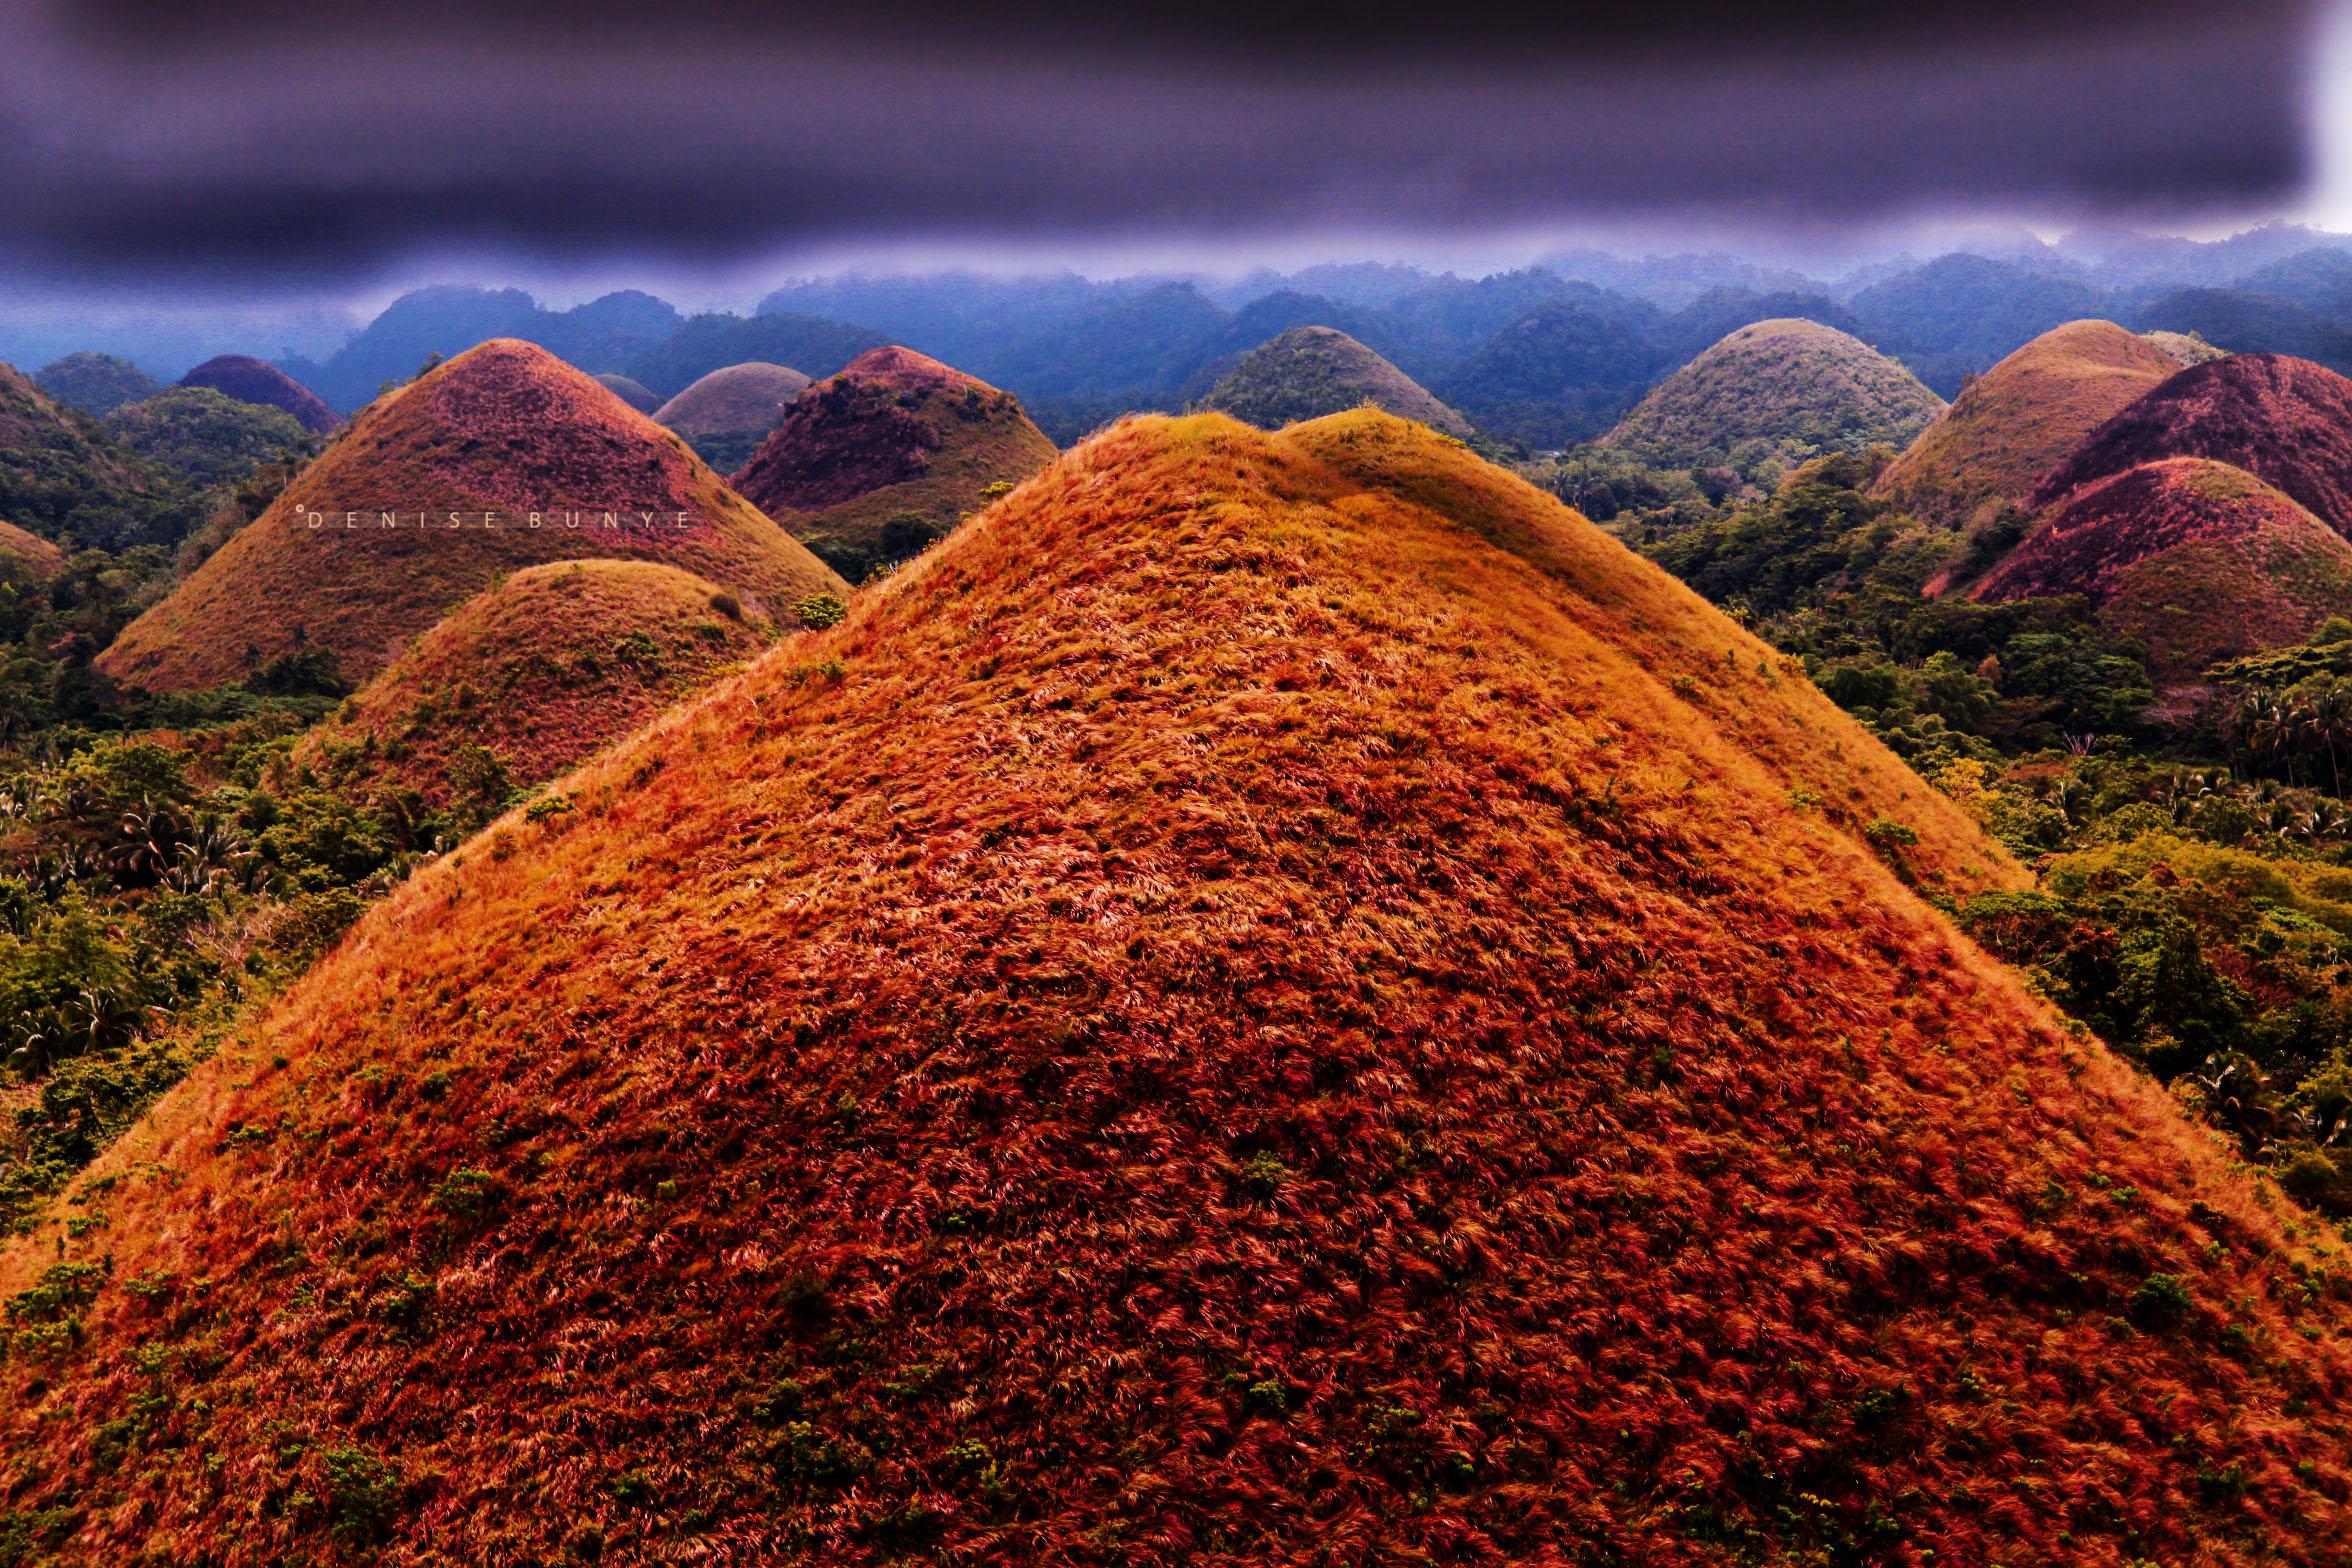 Chocolate_Hills_by_DeniseBunye - Dark Chocolate Hills - Philippine Photo Gallery